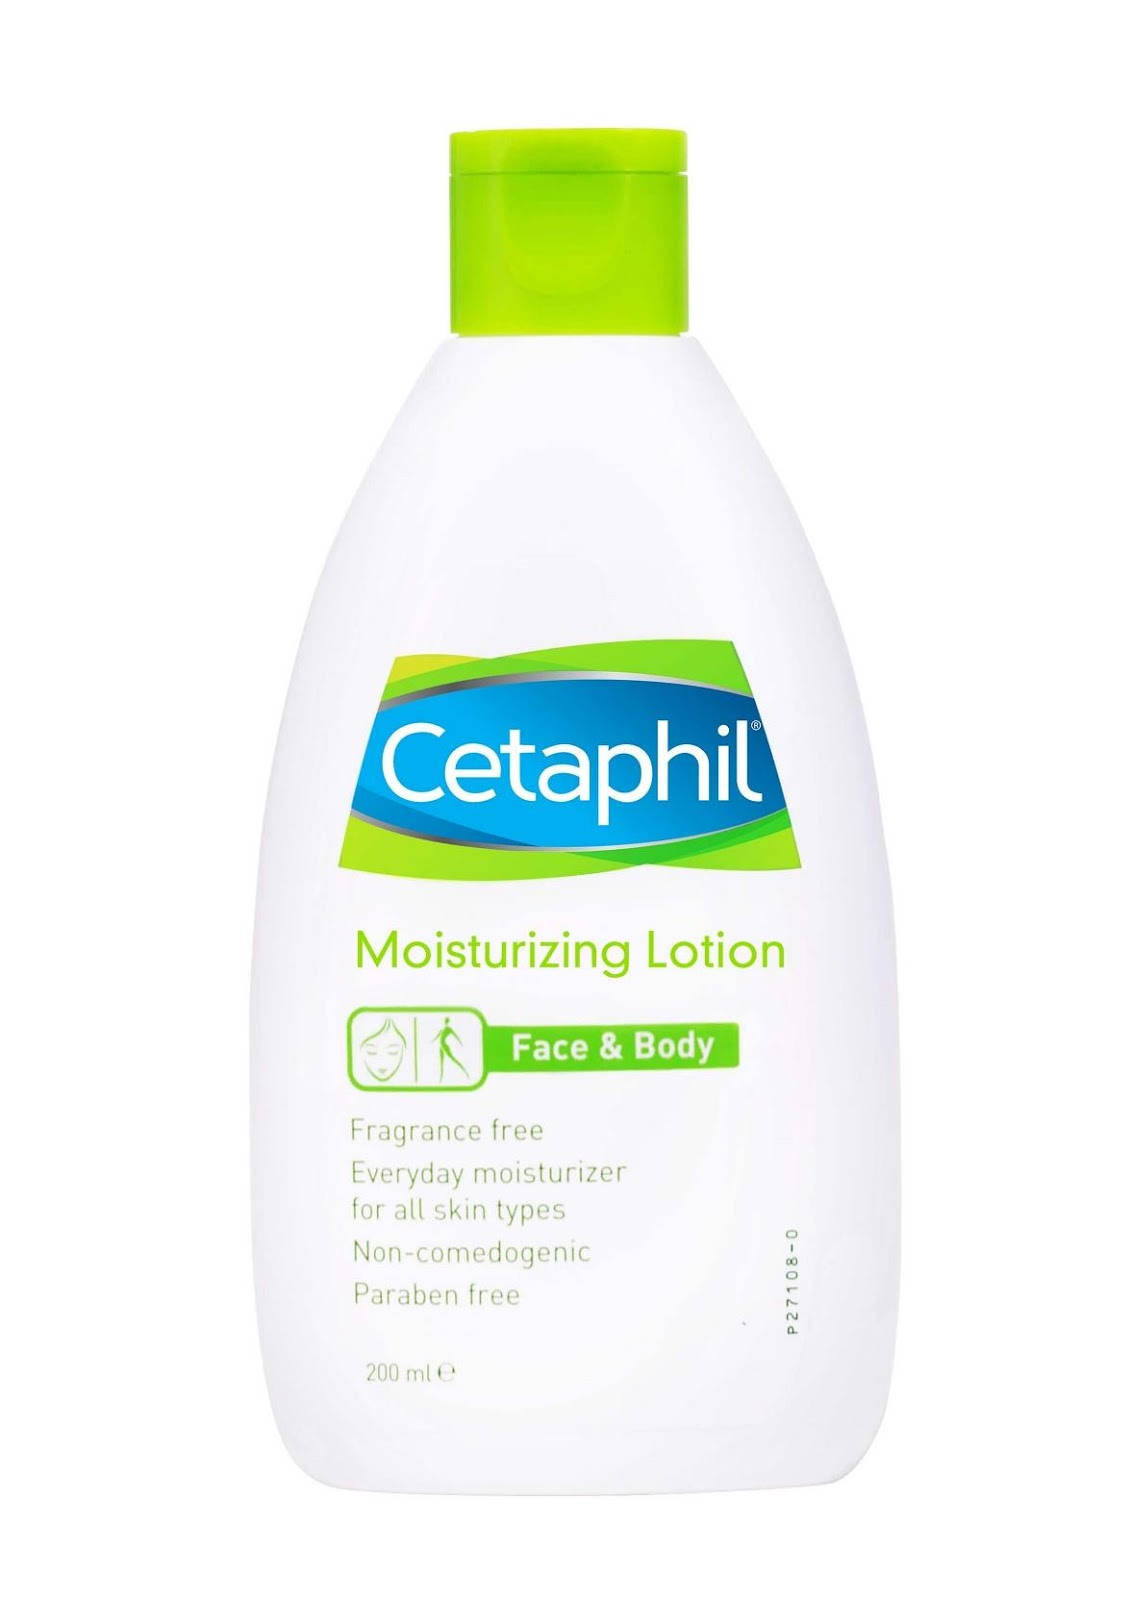 kem dưỡng ẩm chăm sóc da cetaphil